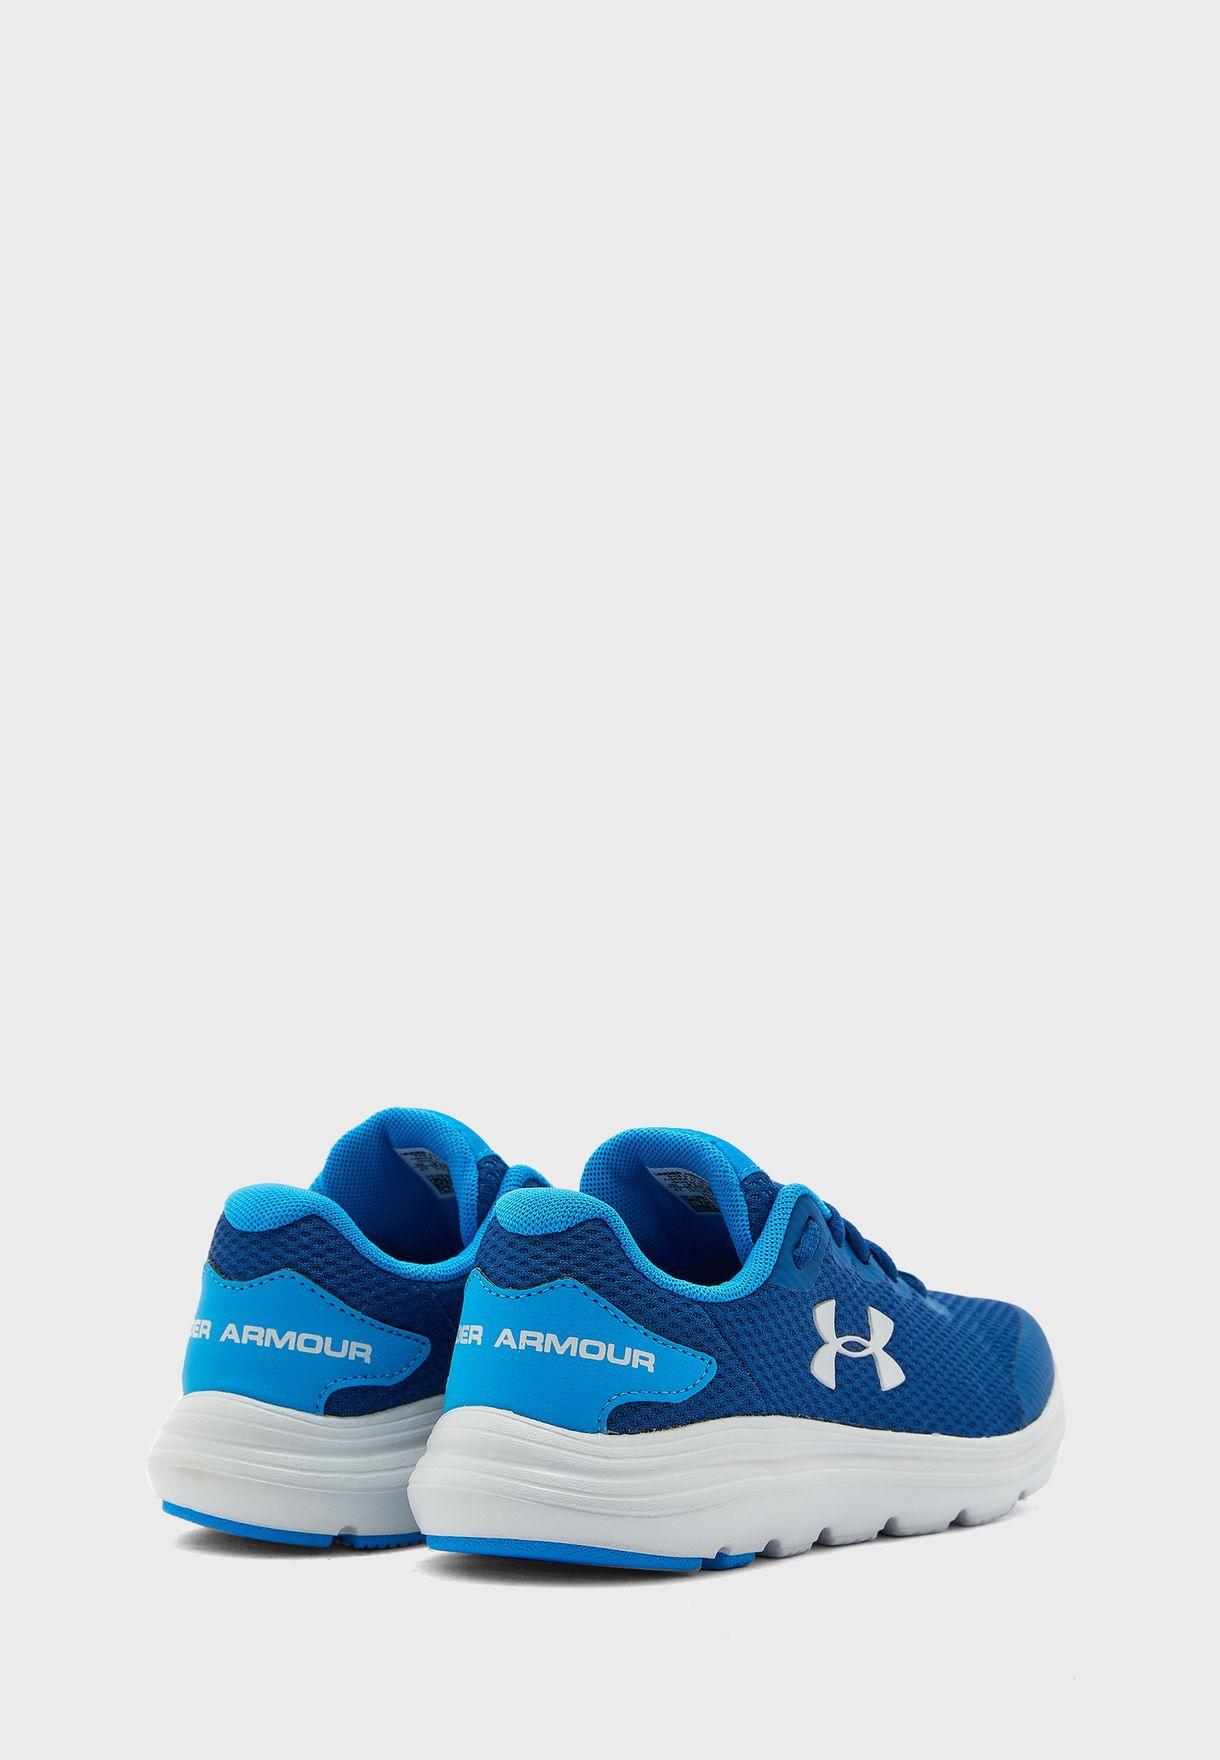 حذاء جي اس سيرج 2